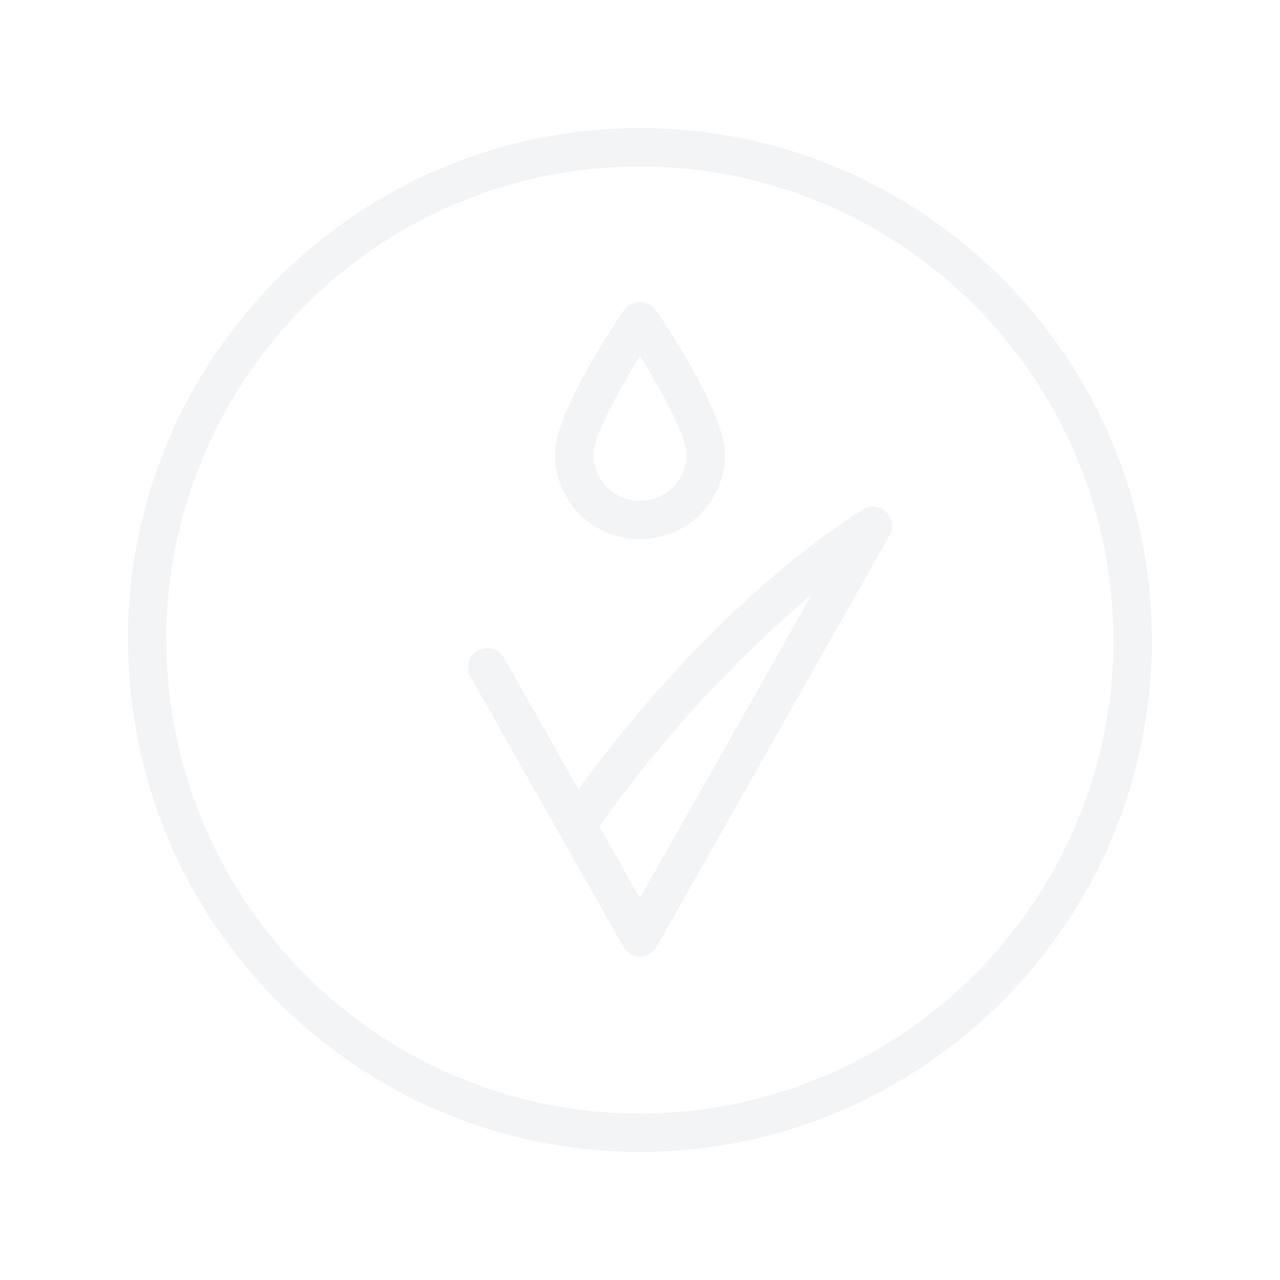 MISSHA All Around Safe Block Waterproof Sun Milk SPF50